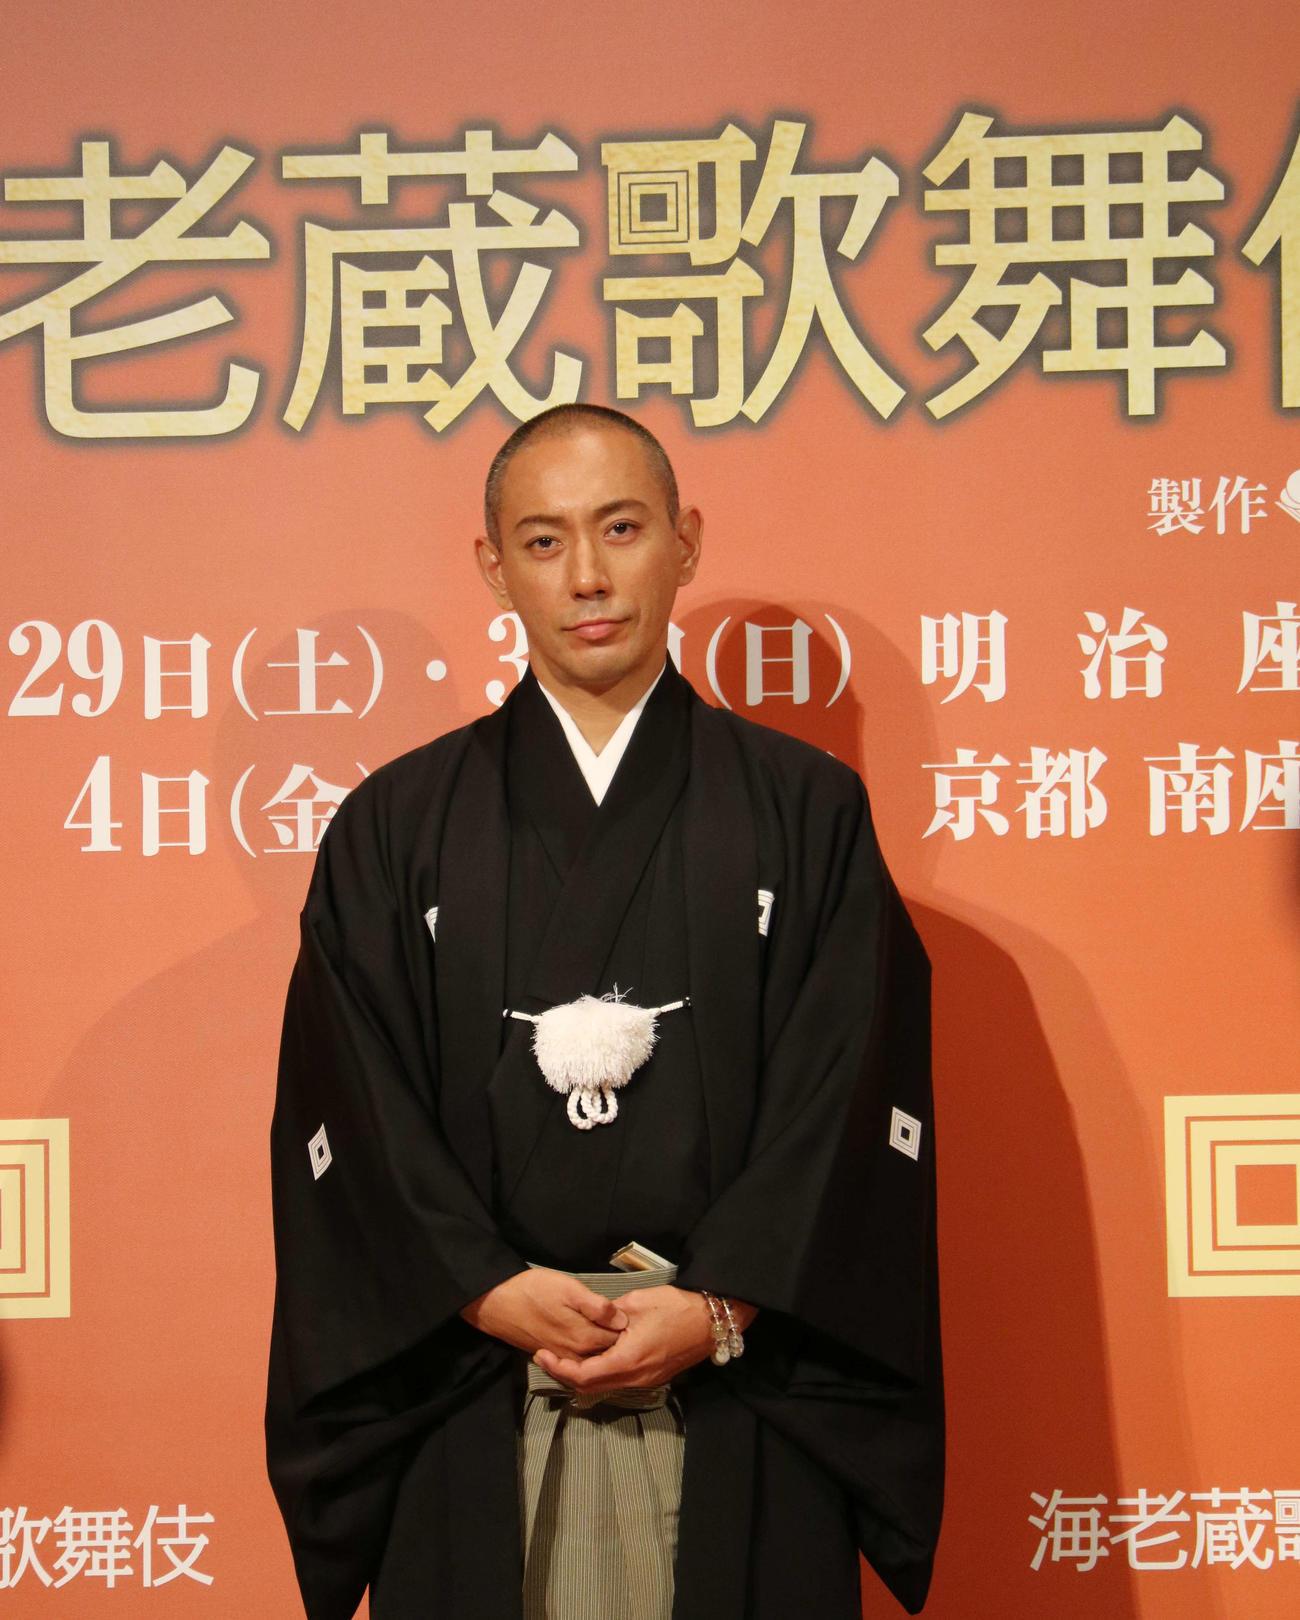 「海老蔵歌舞伎」の記者懇親会に出席した市川海老蔵